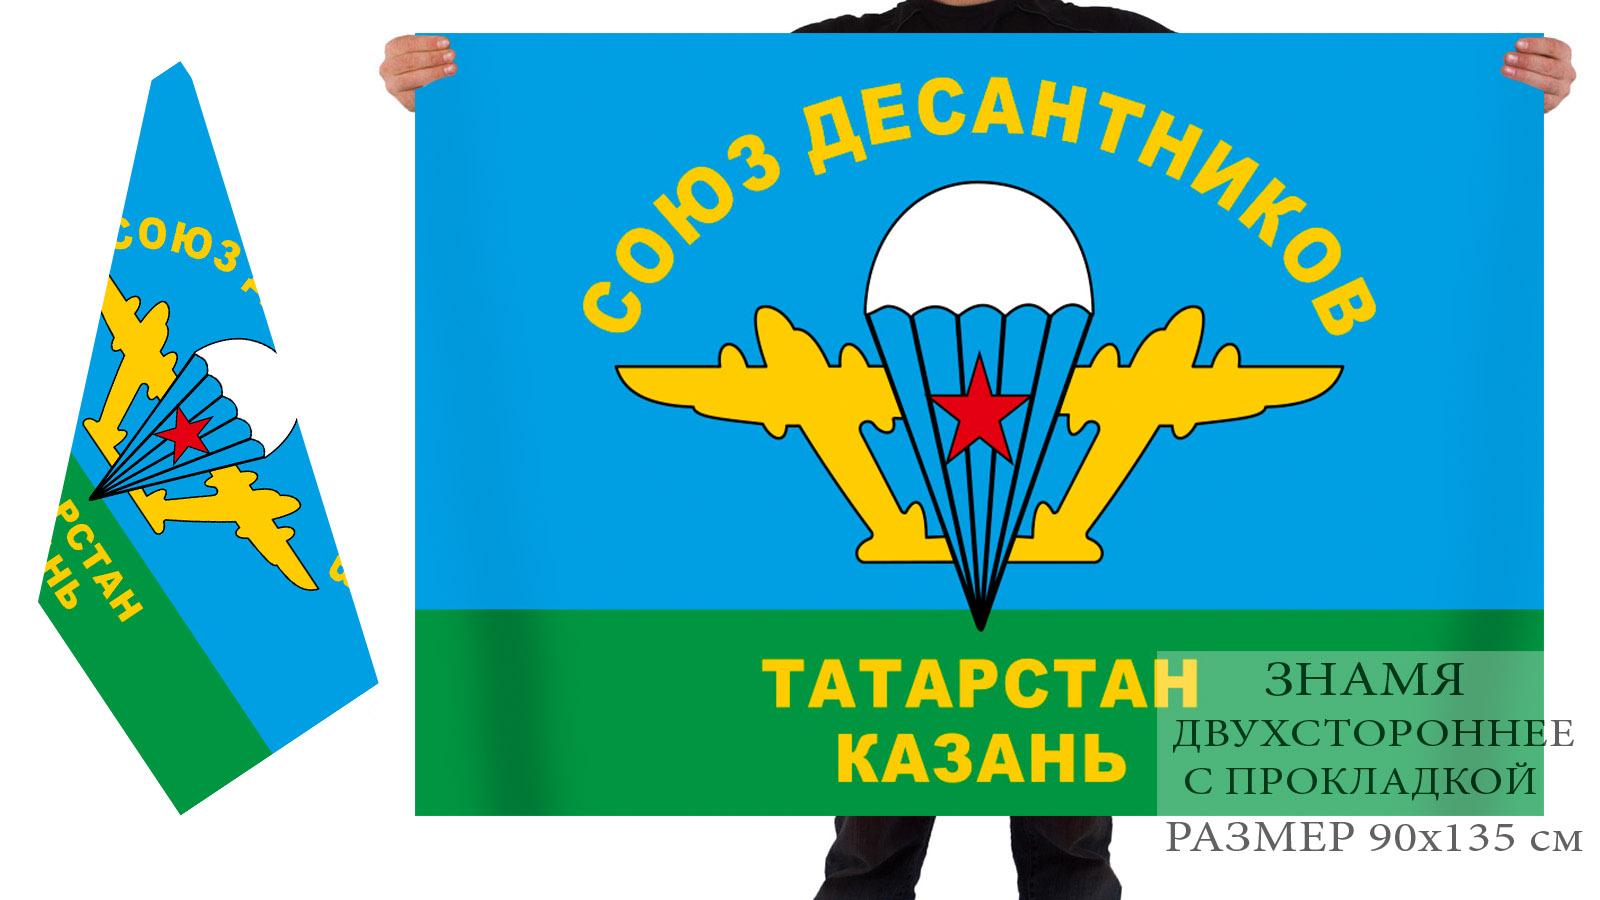 Двусторонний флаг союза десантников Татарстана